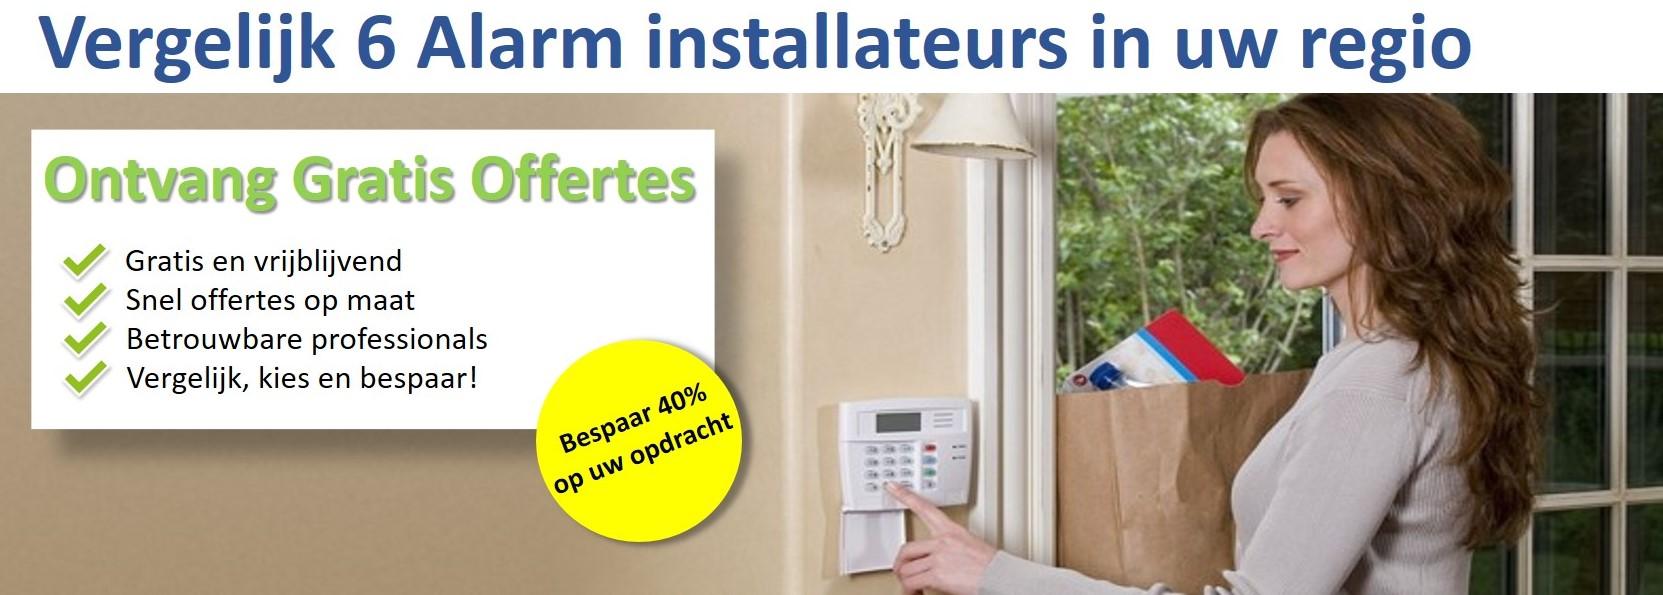 alarmsystemen installateurs